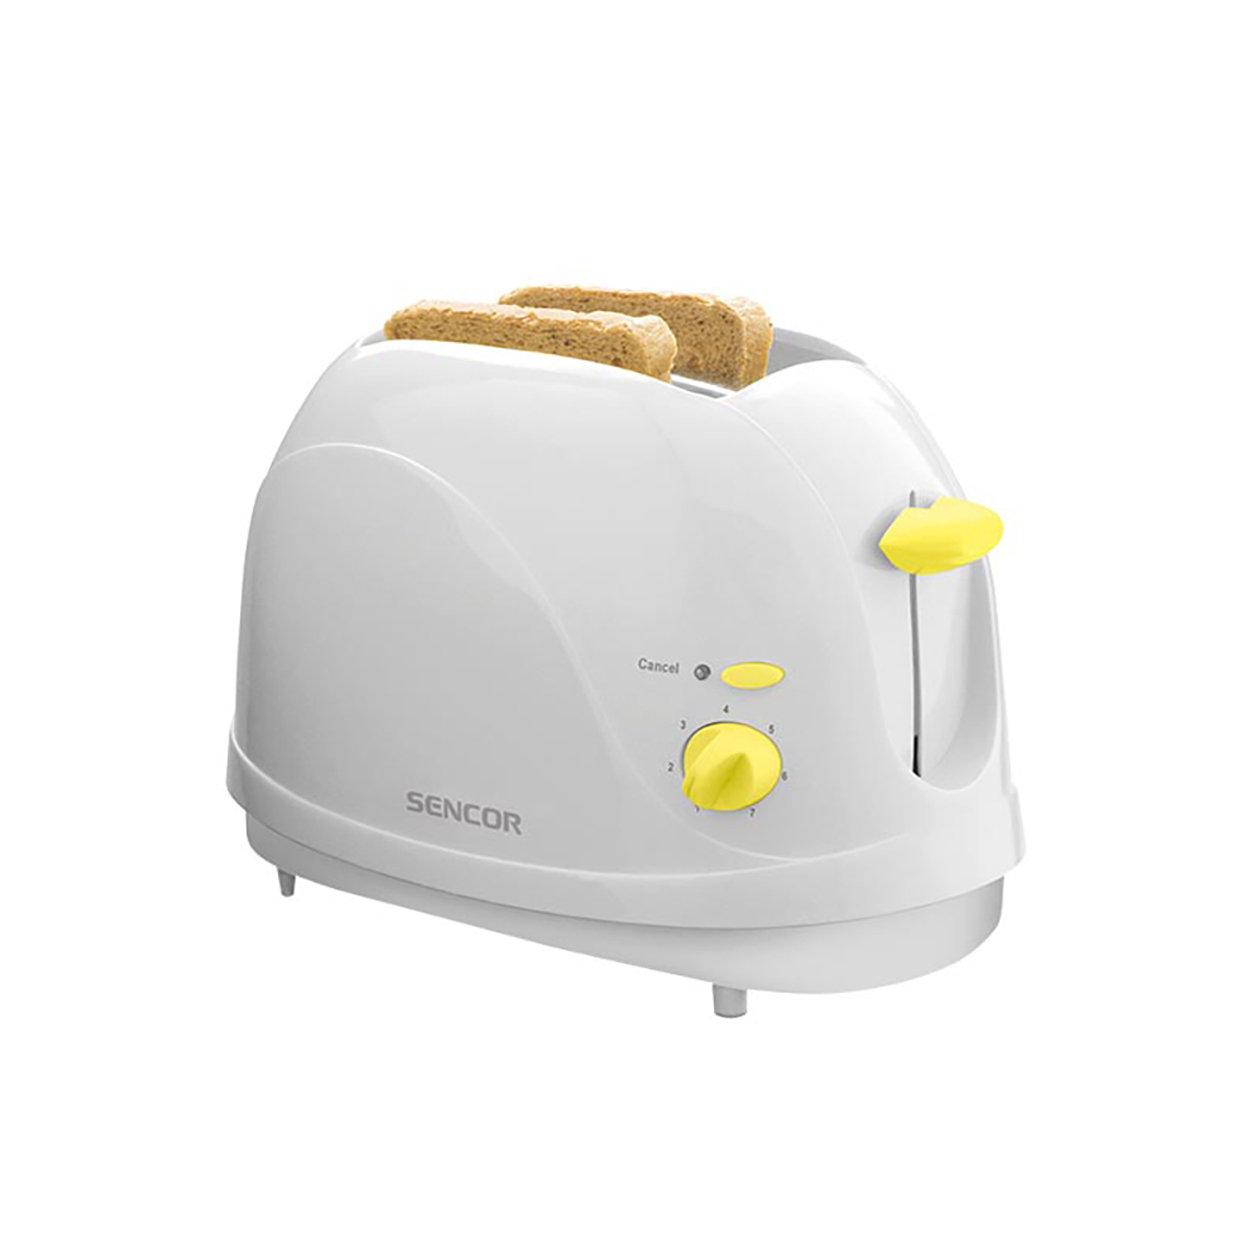 Image of Tostapane 2 toast, bianco